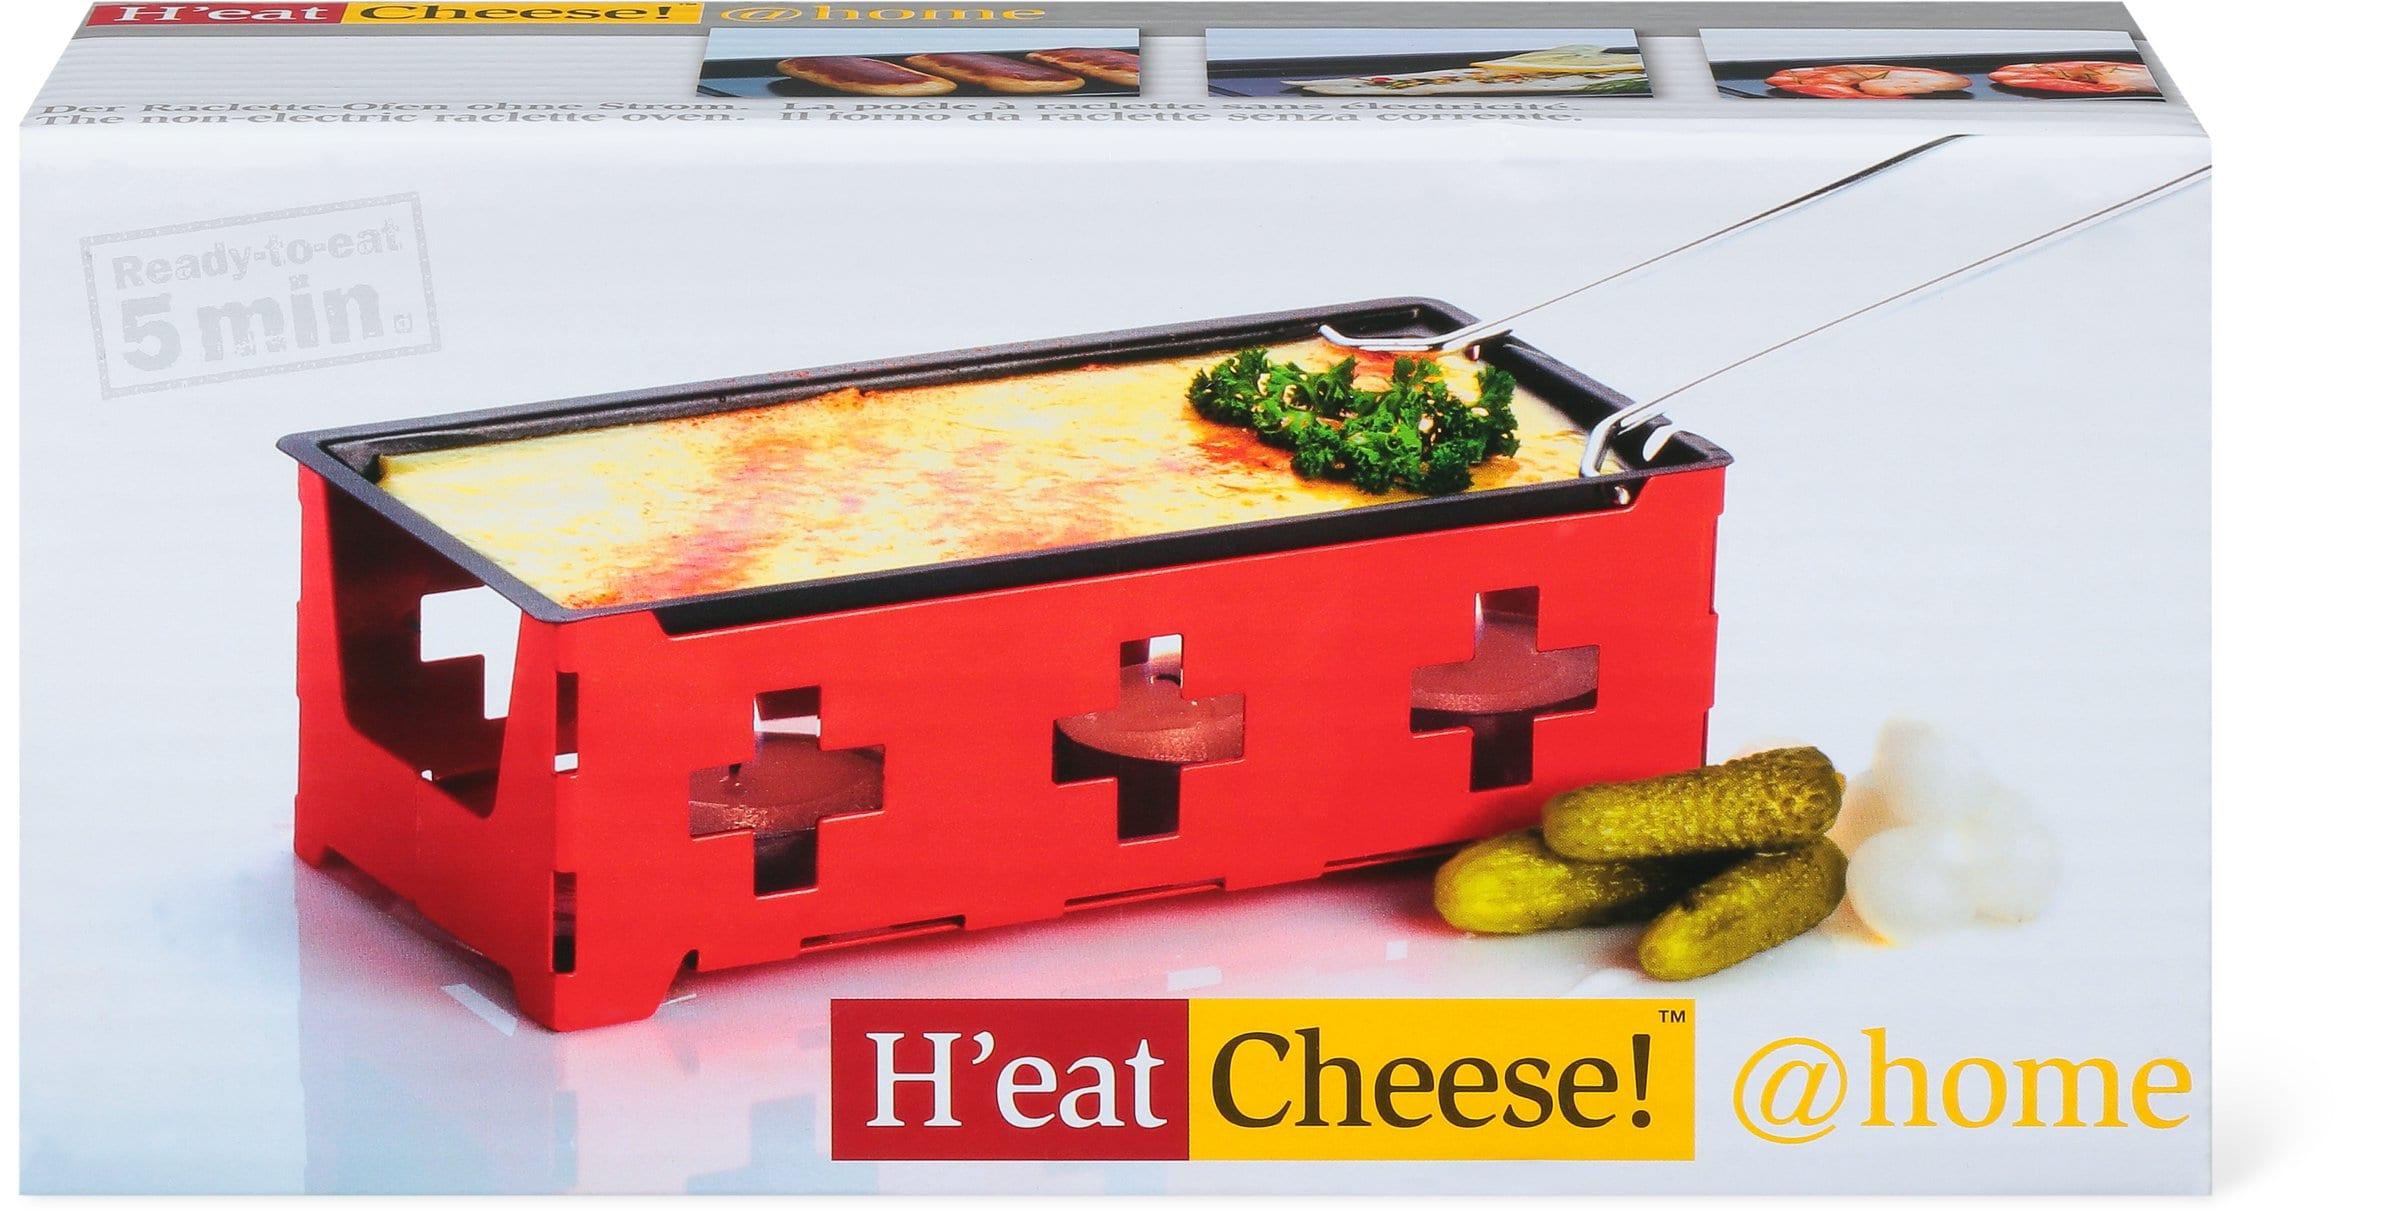 Cucina & Tavola H'EAT CHEESE! Poêle àraclette sans électricité